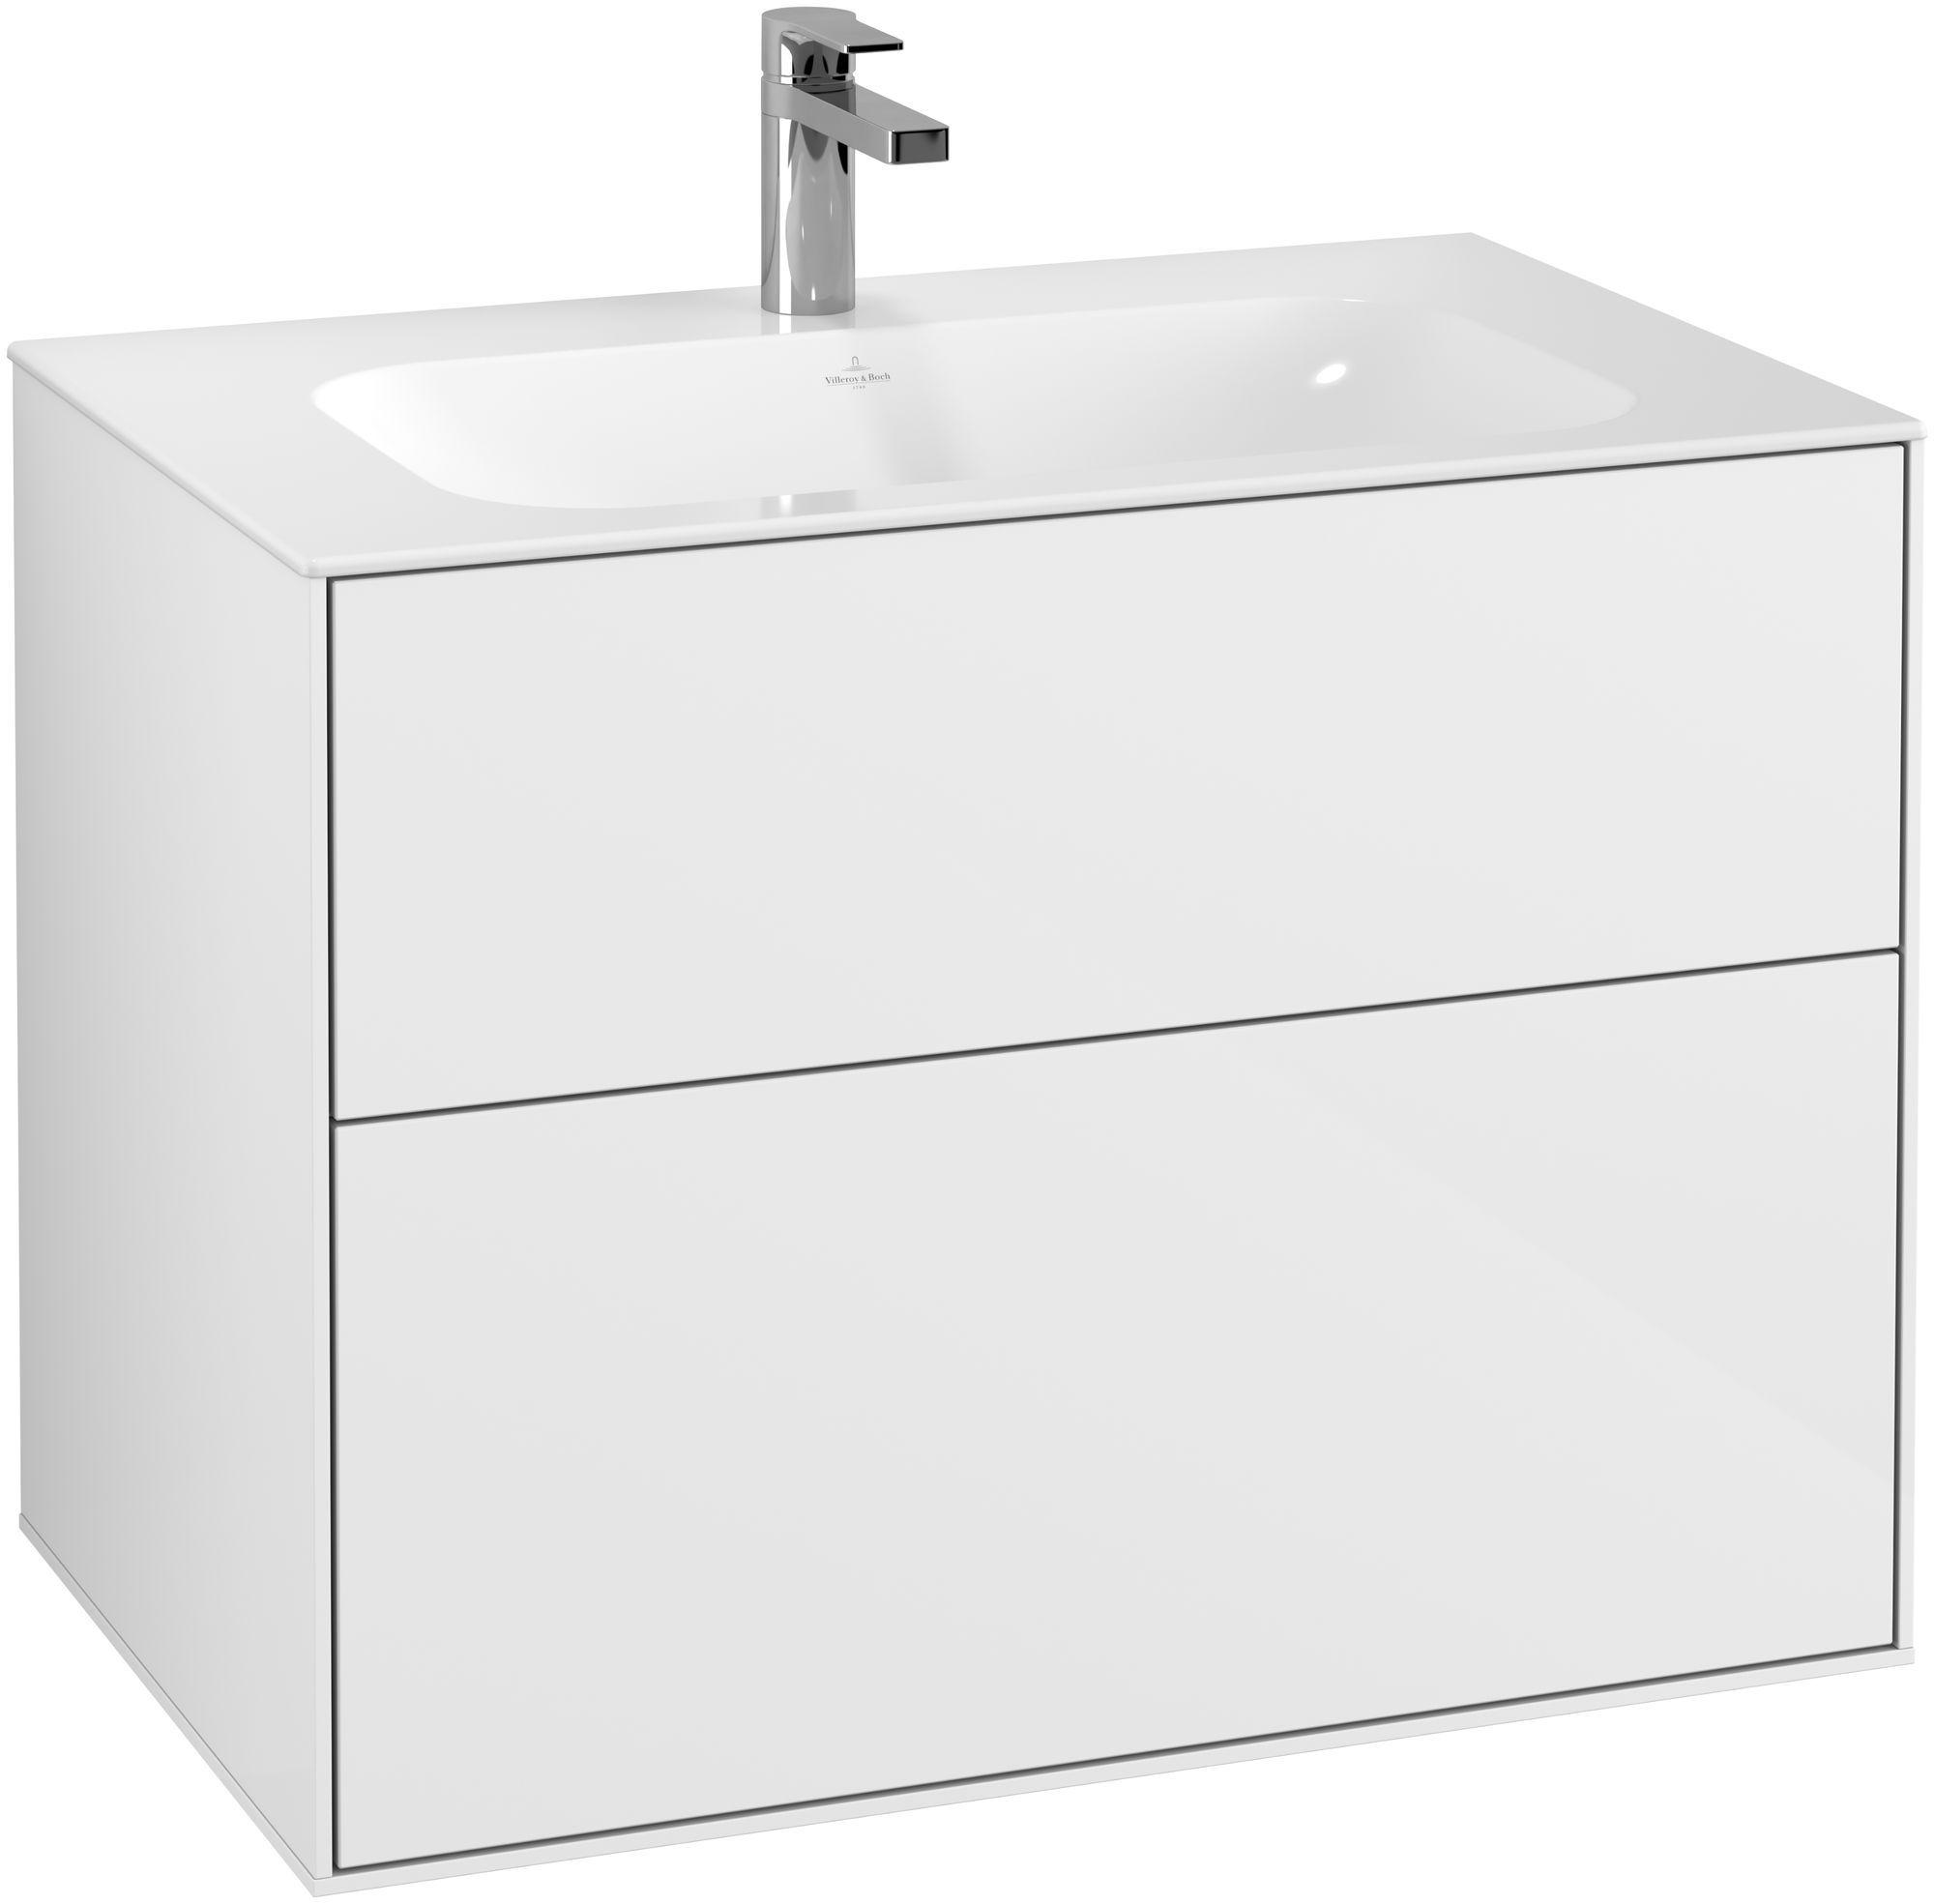 Villeroy & Boch Finion F01 Waschtischunterschrank 2 Auszüge B:79,6xH:59,1xT:49,8cm Front, Korpus: Glossy White Lack F01000GF